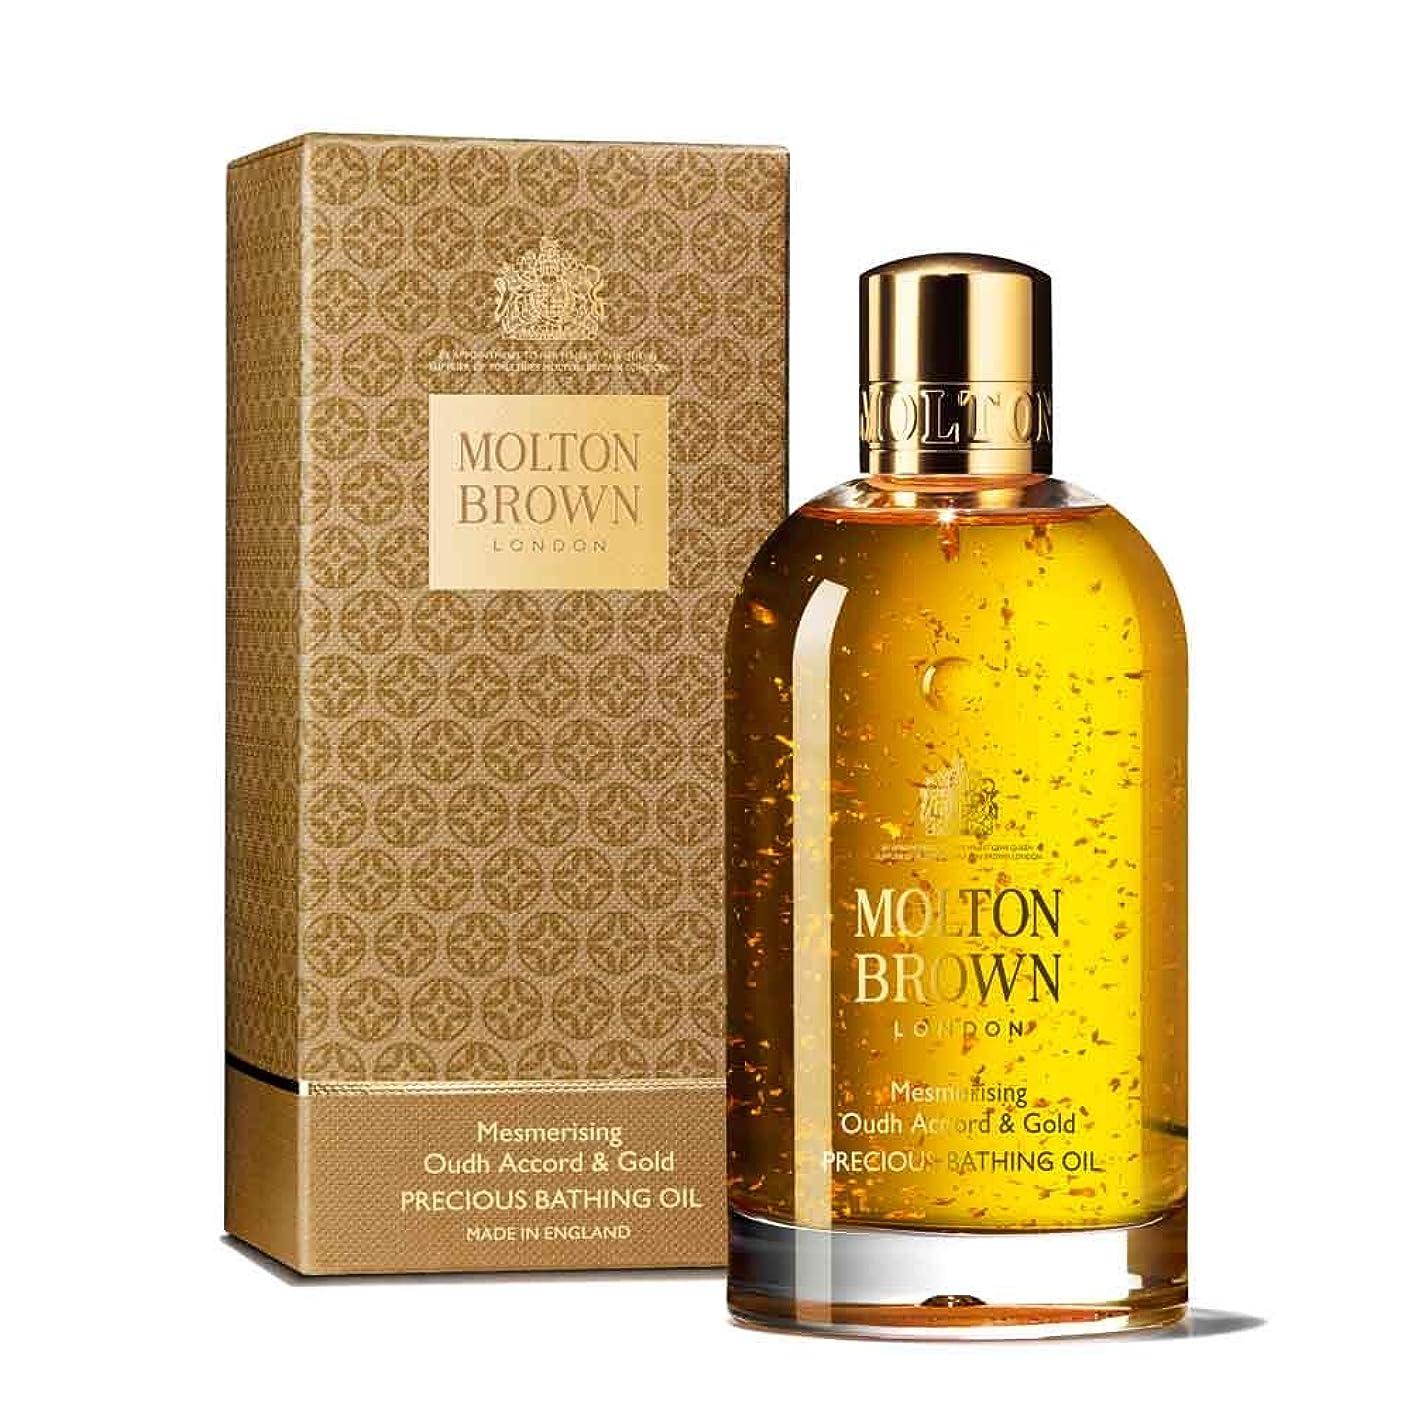 自発南東波MOLTON BROWN(モルトンブラウン) ウード?アコード&ゴールド コレクション OA&G ベージングオイル